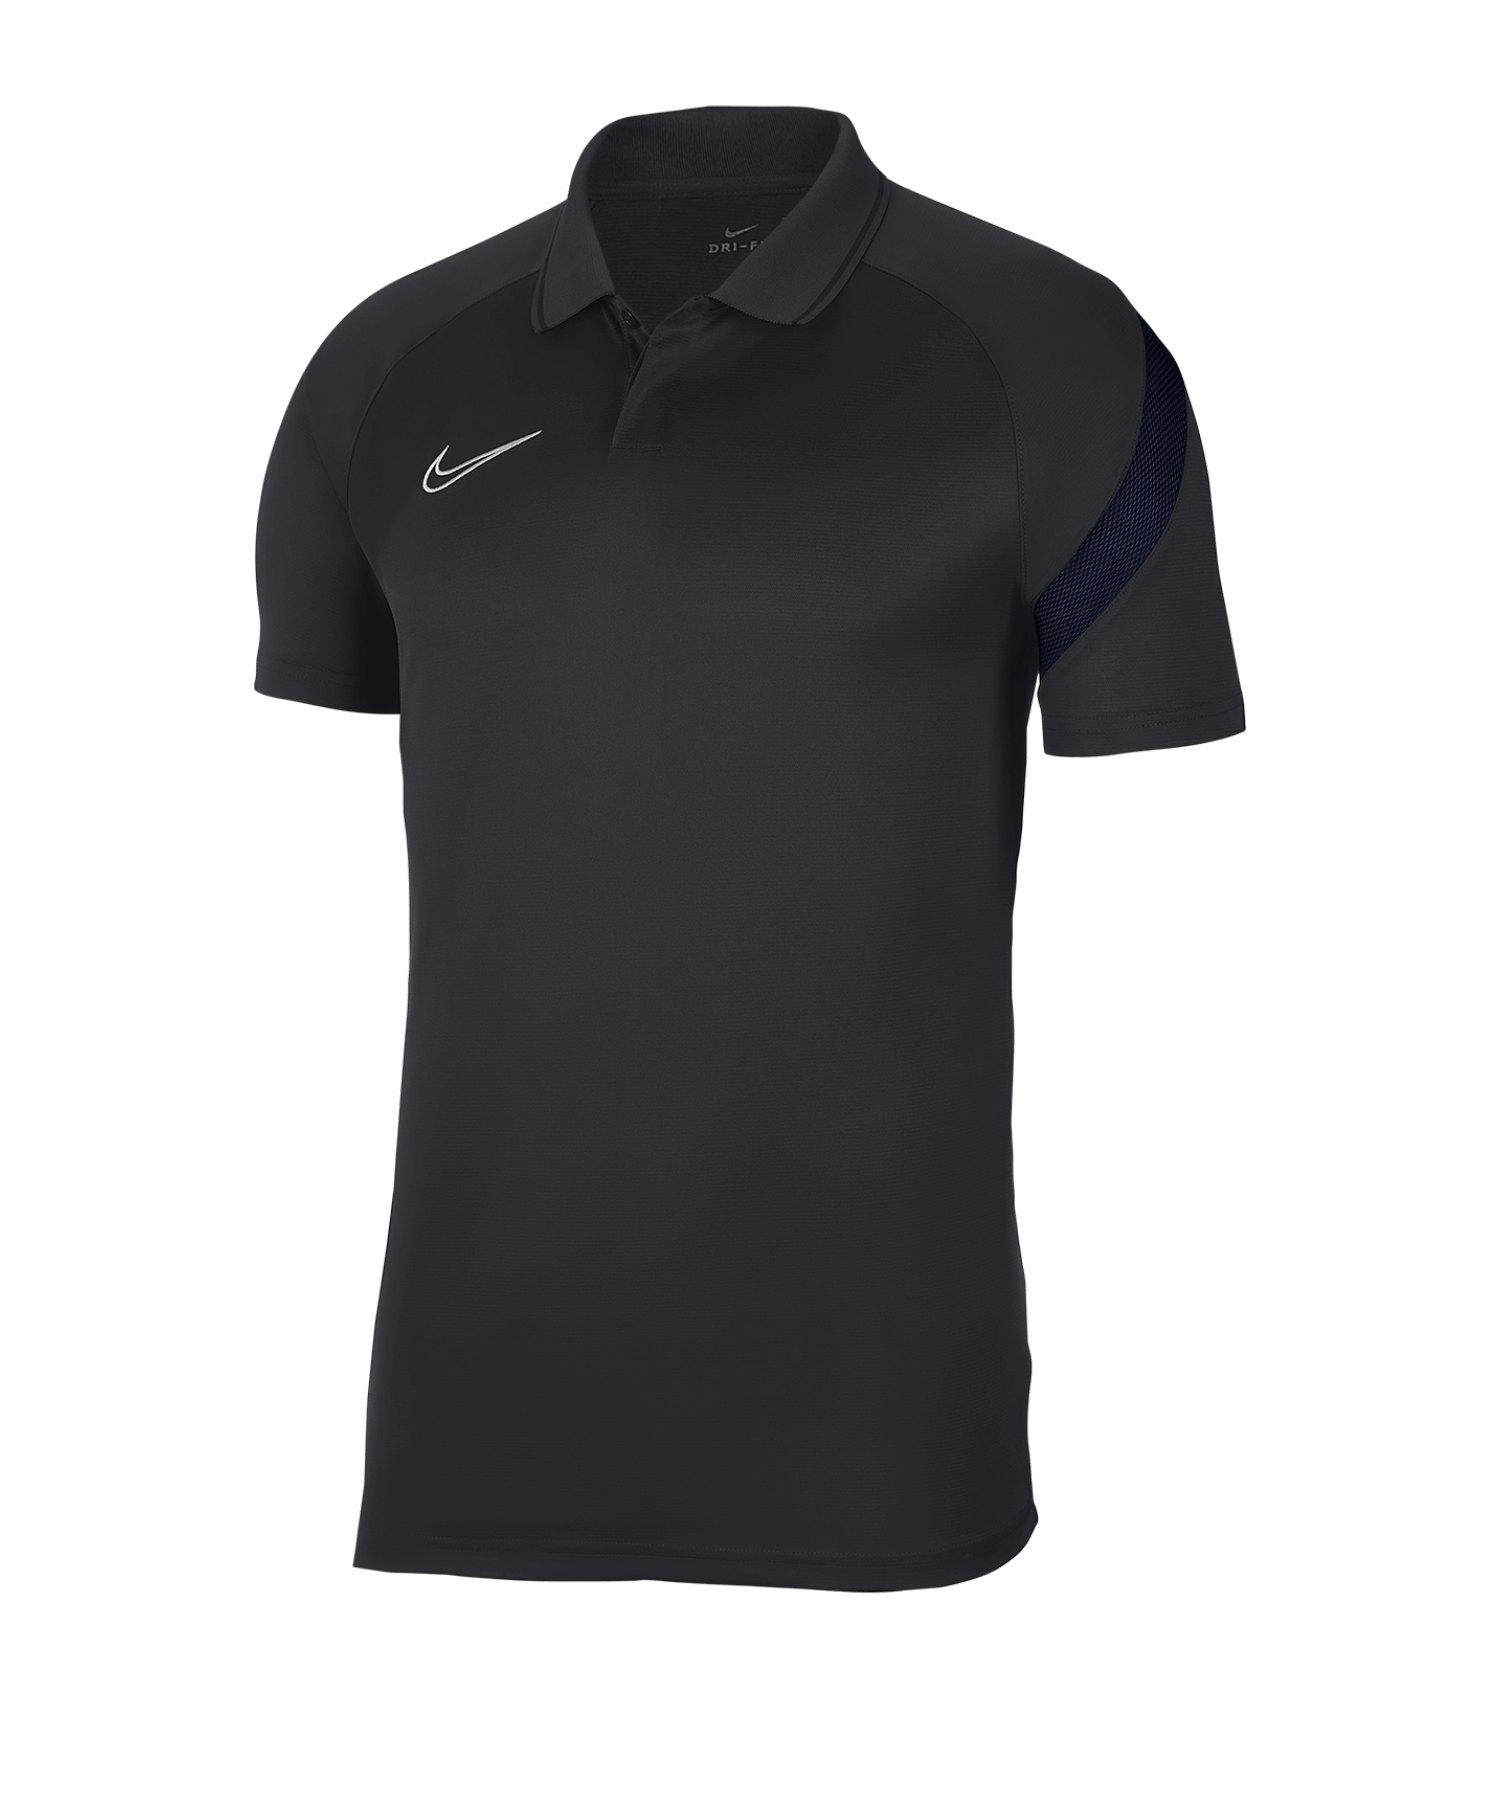 Nike Academy Pro Poloshirt Kids Grau Blau F064 - grau